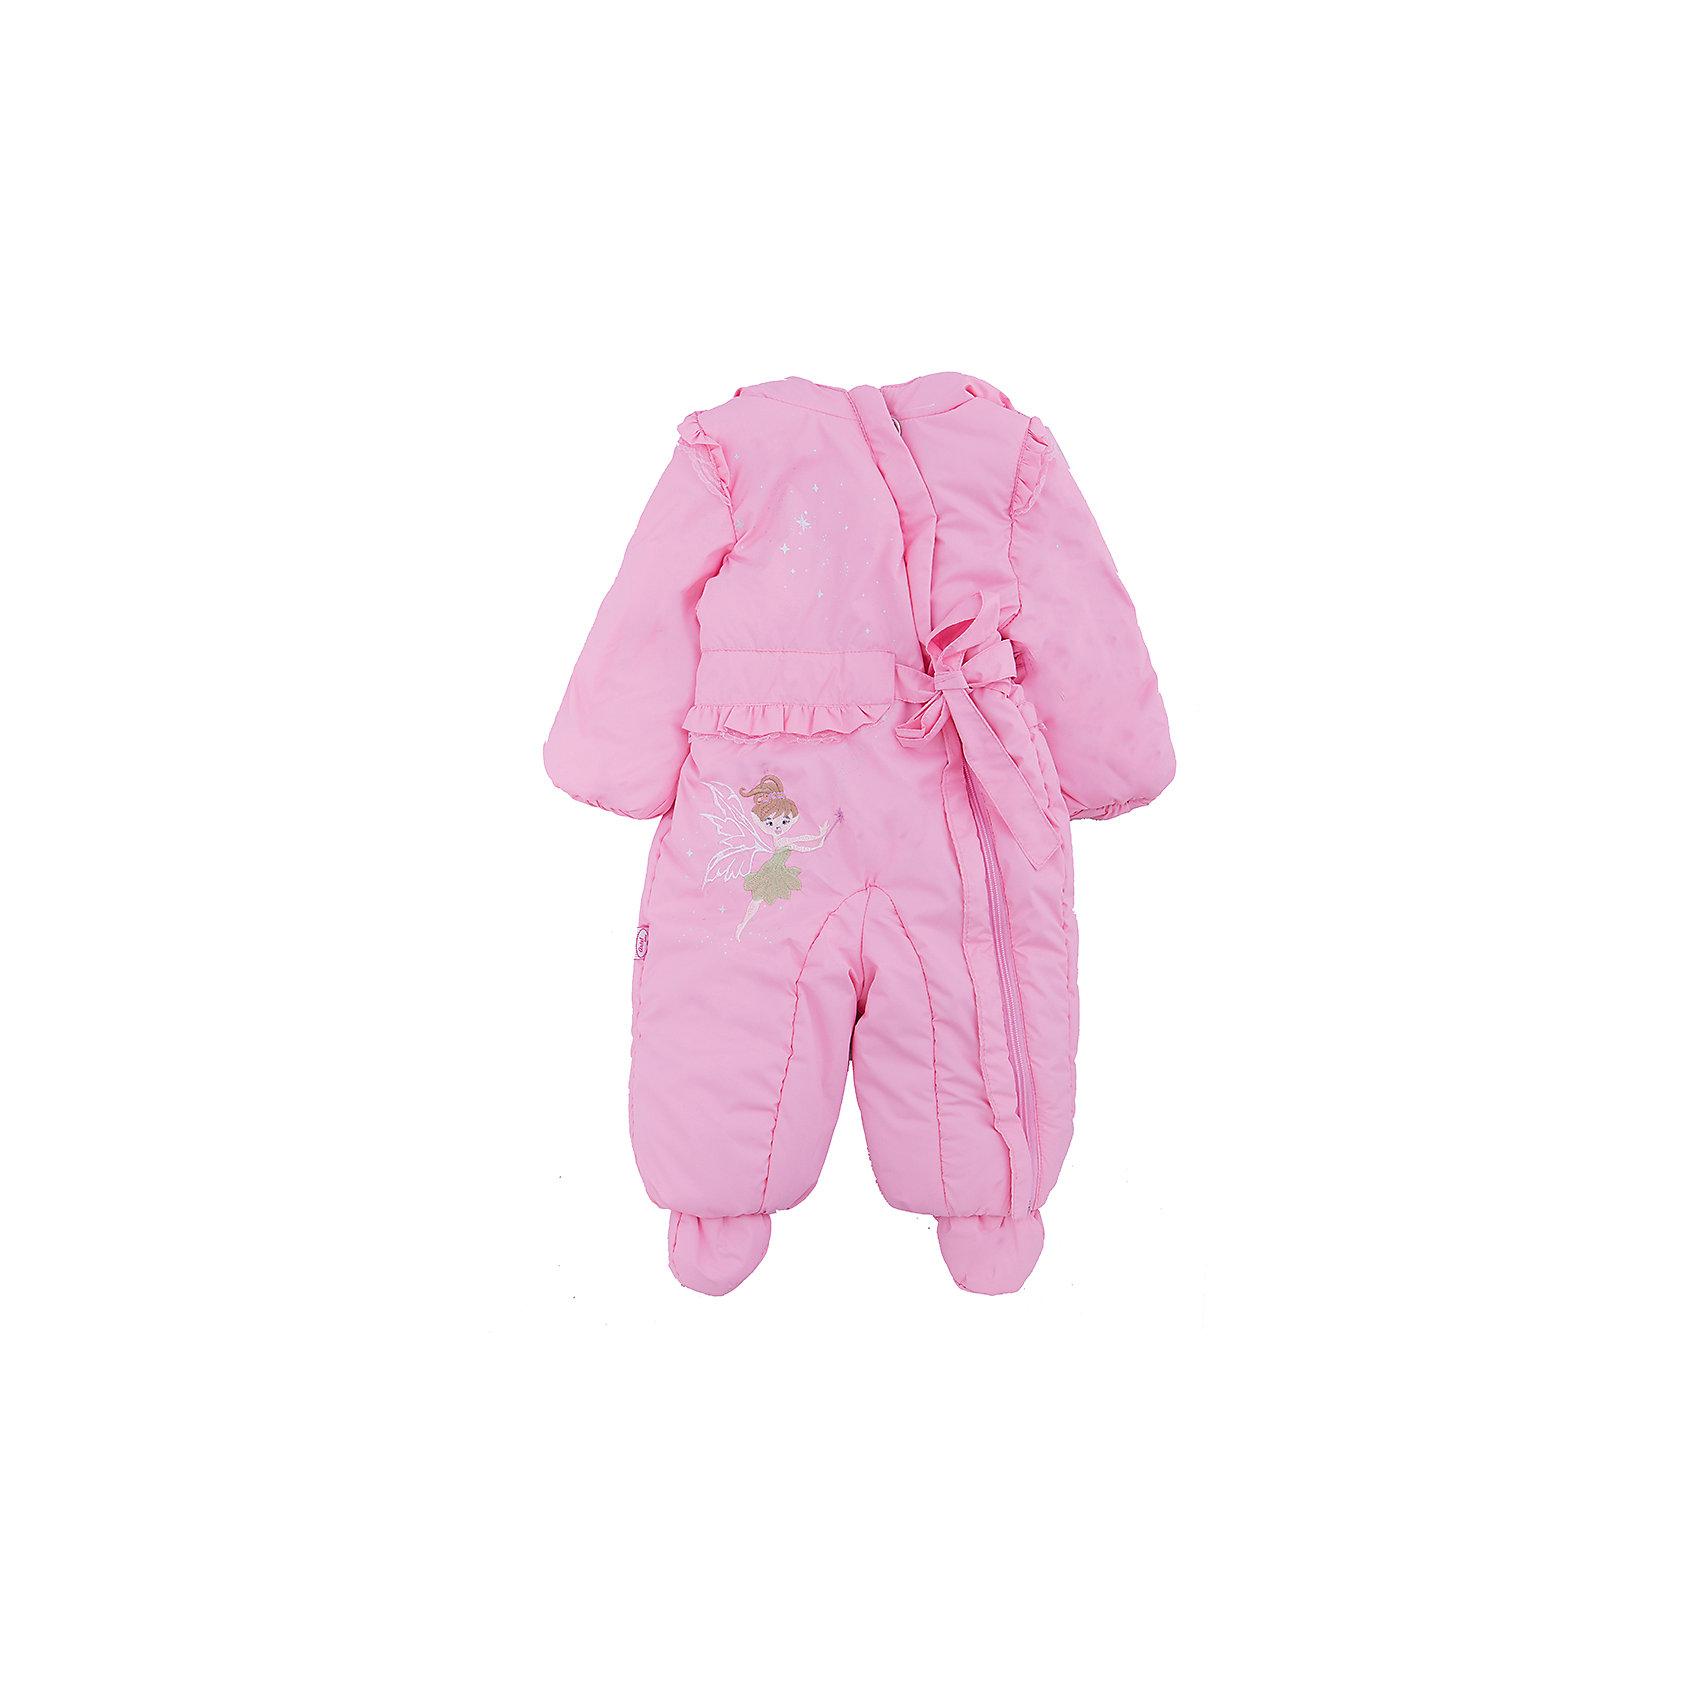 Комбинезон для девочки АртельКомбинезон для девочки от торговой марки Артель &#13;<br>&#13;<br>Симпатичный розовый комбинезон создан специально для девочек. Изделие выполнено из качественных материалов, имеет удобные карманы и капюшон. Отличный вариант для переменной погоды межсезонья!&#13;<br>Одежда от бренда Артель – это высокое качество по приемлемой цене и всегда продуманный дизайн. &#13;<br>&#13;<br>Особенности модели: &#13;<br>- цвет - розовый;&#13;<br>- украшен вышивкой;&#13;<br>- наличие капюшона;&#13;<br>- утеплитель;&#13;<br>- отделка бантом и крыльями;&#13;<br>- застежка-молния.&#13;<br>&#13;<br>Дополнительная информация:&#13;<br>&#13;<br>Состав: &#13;<br>- верх: DewspoFD;<br>- подкладка: хлопок интерлок;<br>- утеплитель: TermoFinn 100 г.<br><br>&#13;<br>Температурный режим: &#13;<br>от -10 °C до + 10 °C&#13;<br>&#13;<br>Комбинезон для девочки Артель (Artel) можно купить в нашем магазине.<br><br>Ширина мм: 356<br>Глубина мм: 10<br>Высота мм: 245<br>Вес г: 519<br>Цвет: розовый<br>Возраст от месяцев: 6<br>Возраст до месяцев: 9<br>Пол: Женский<br>Возраст: Детский<br>Размер: 74,68,80<br>SKU: 4495969